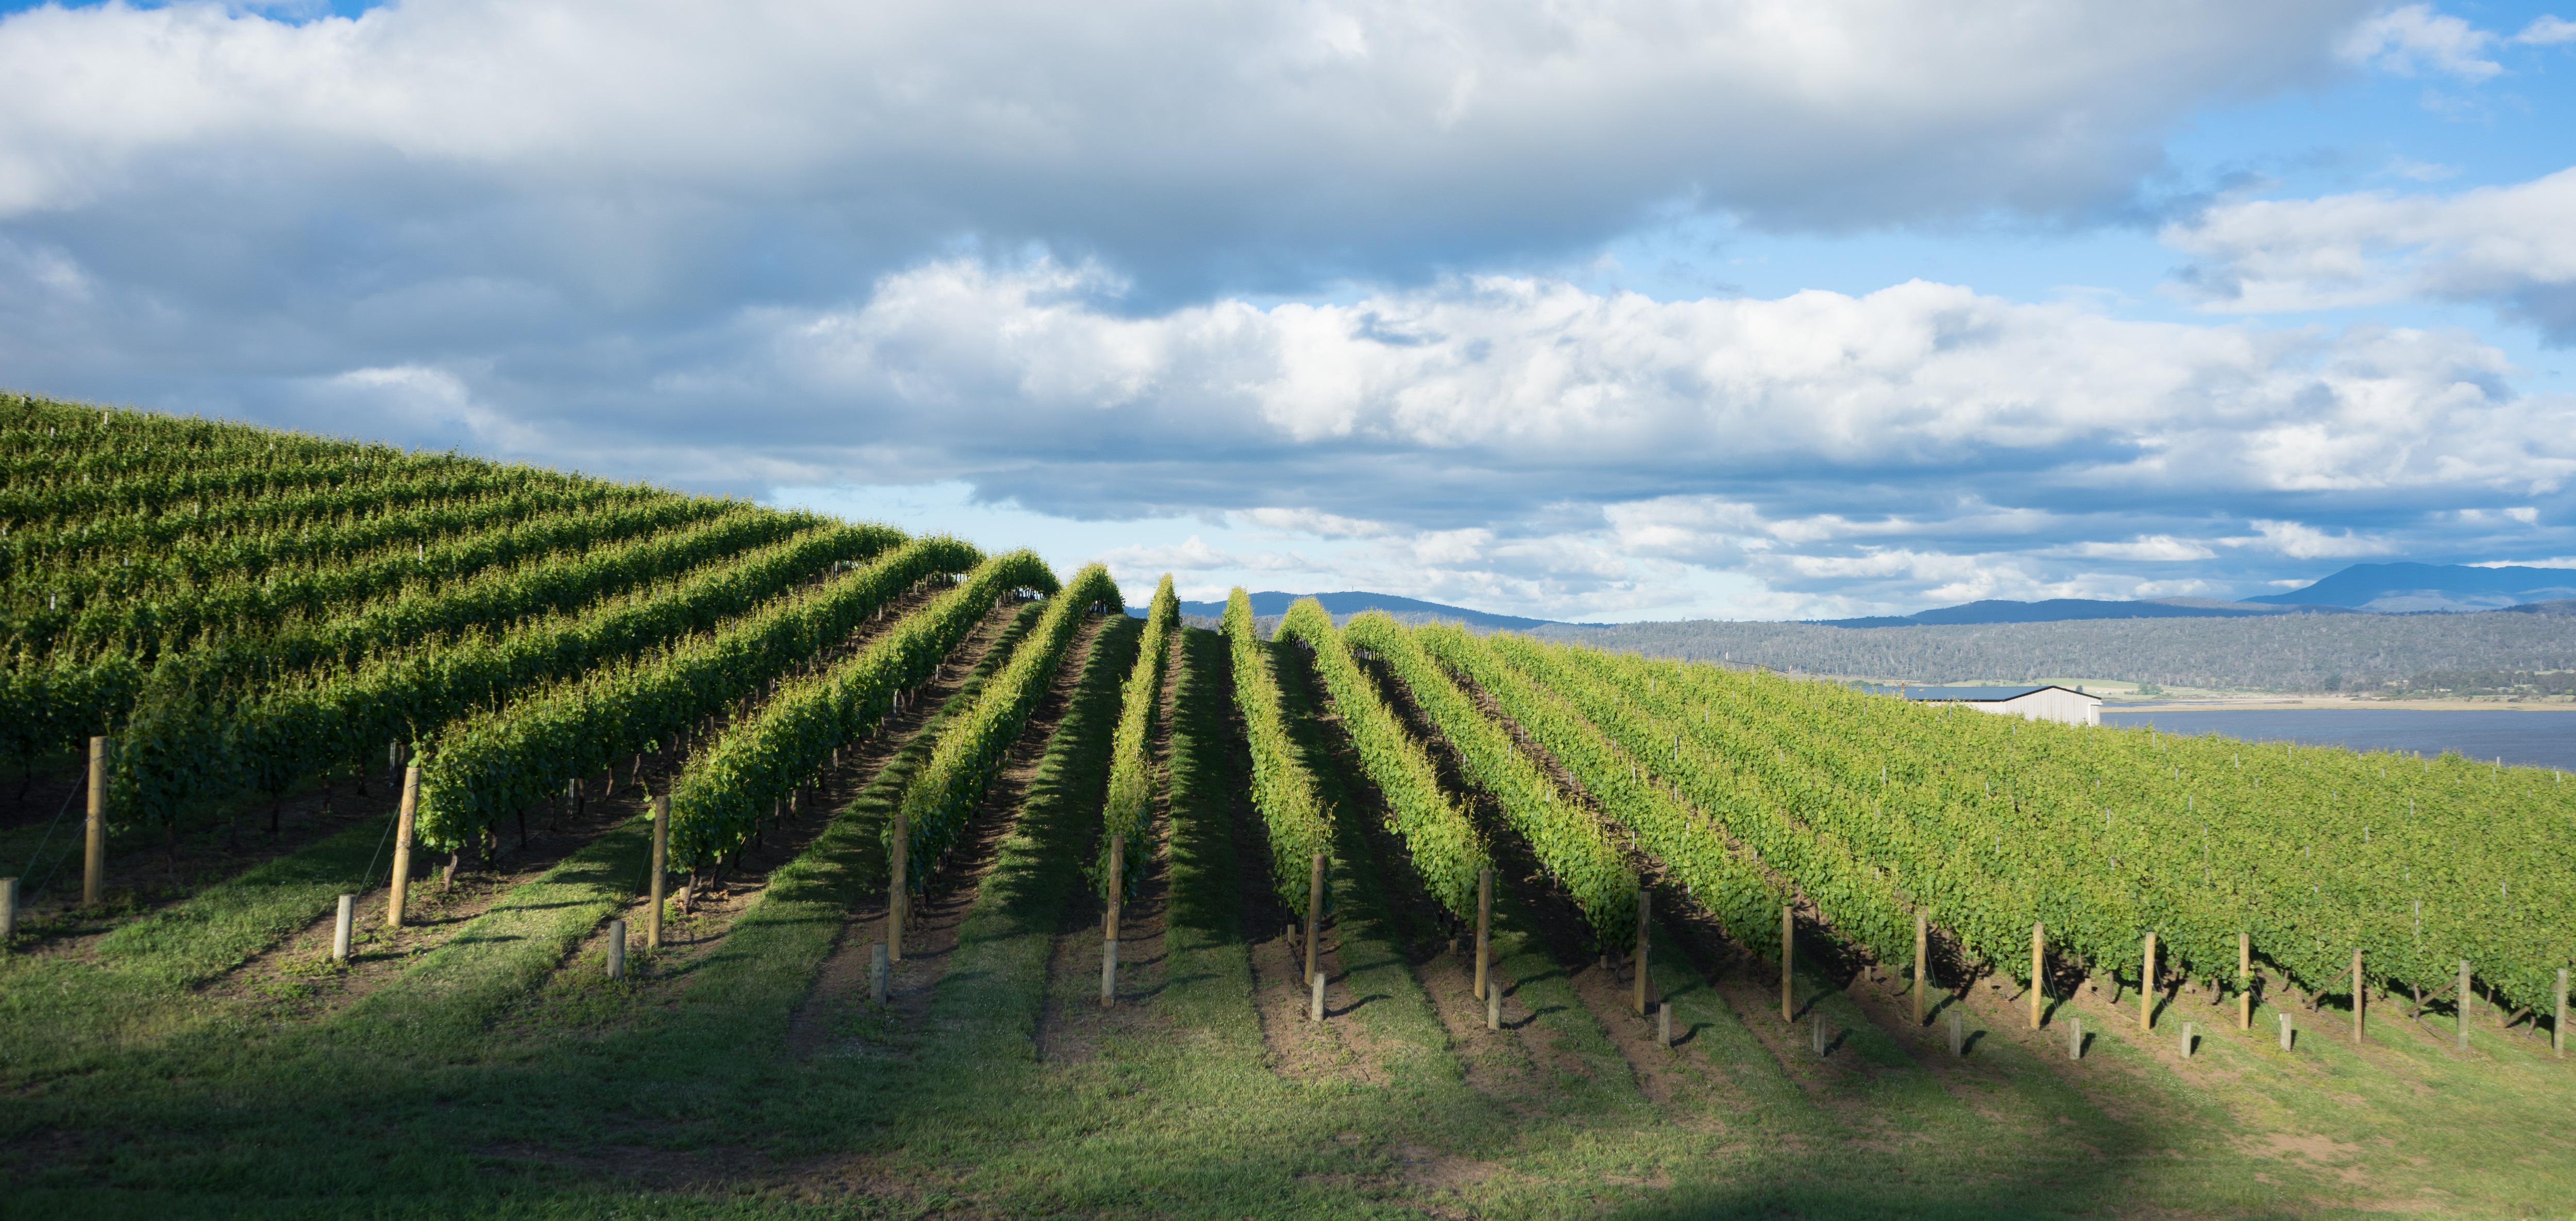 Harvest-tasmania